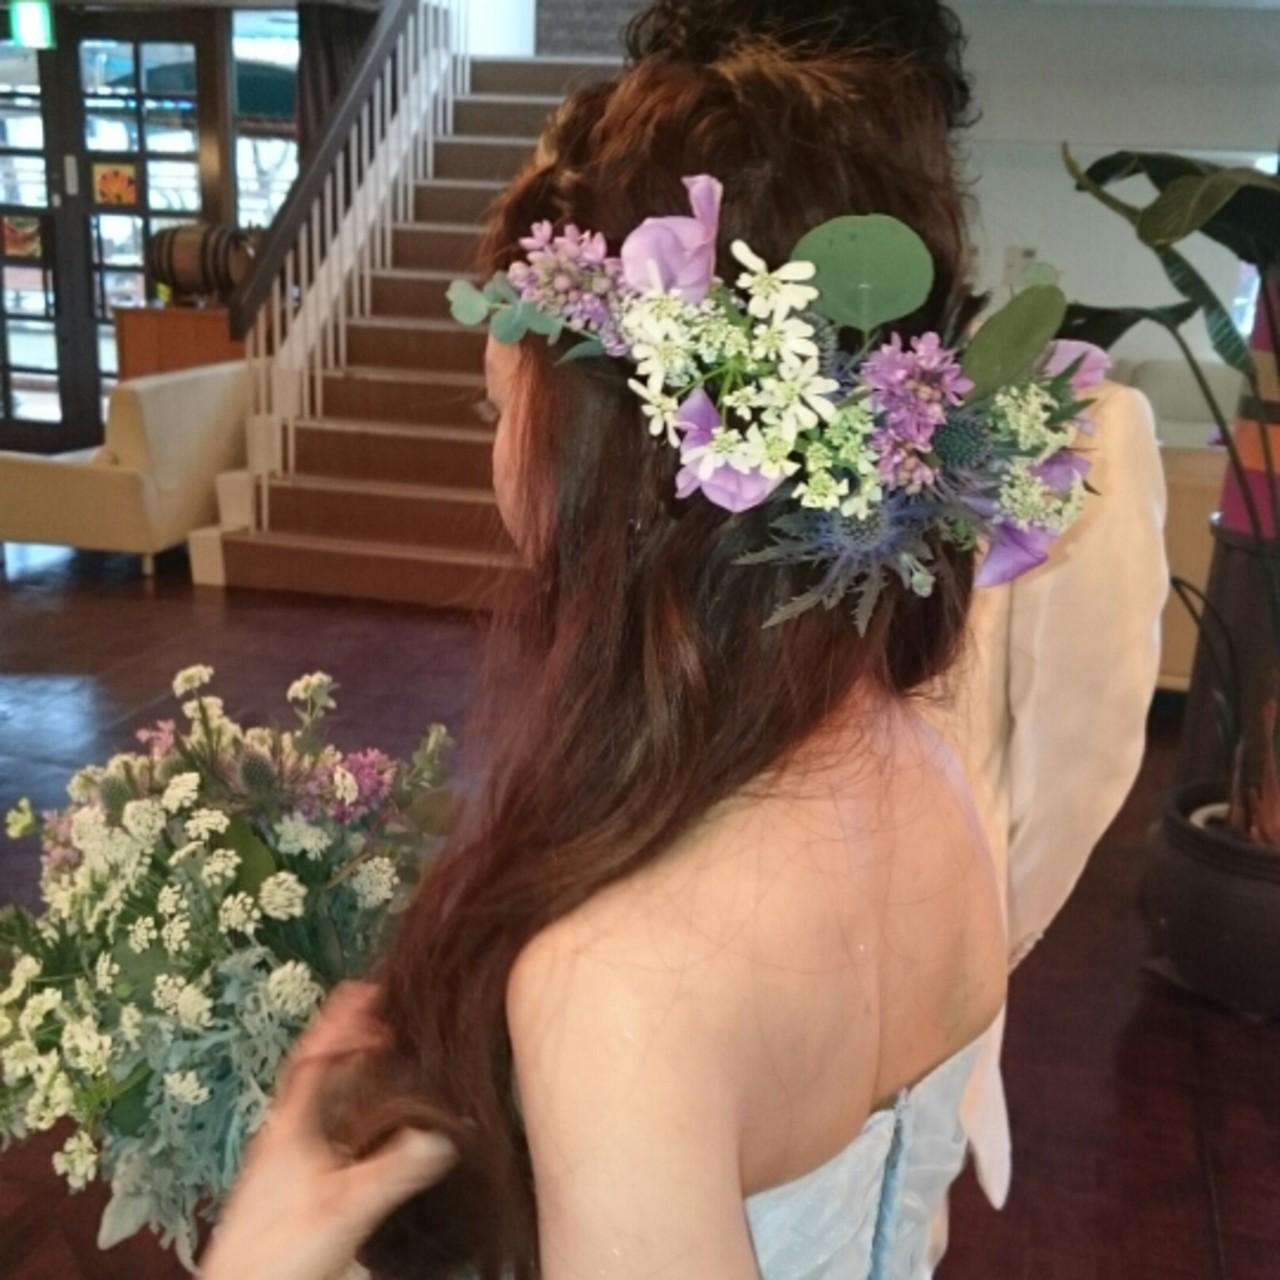 最高に華やかな花嫁さんになるために*お花で飾る結婚式ヘアアレンジ♡ 美和遥 FITZ(フィッツ)